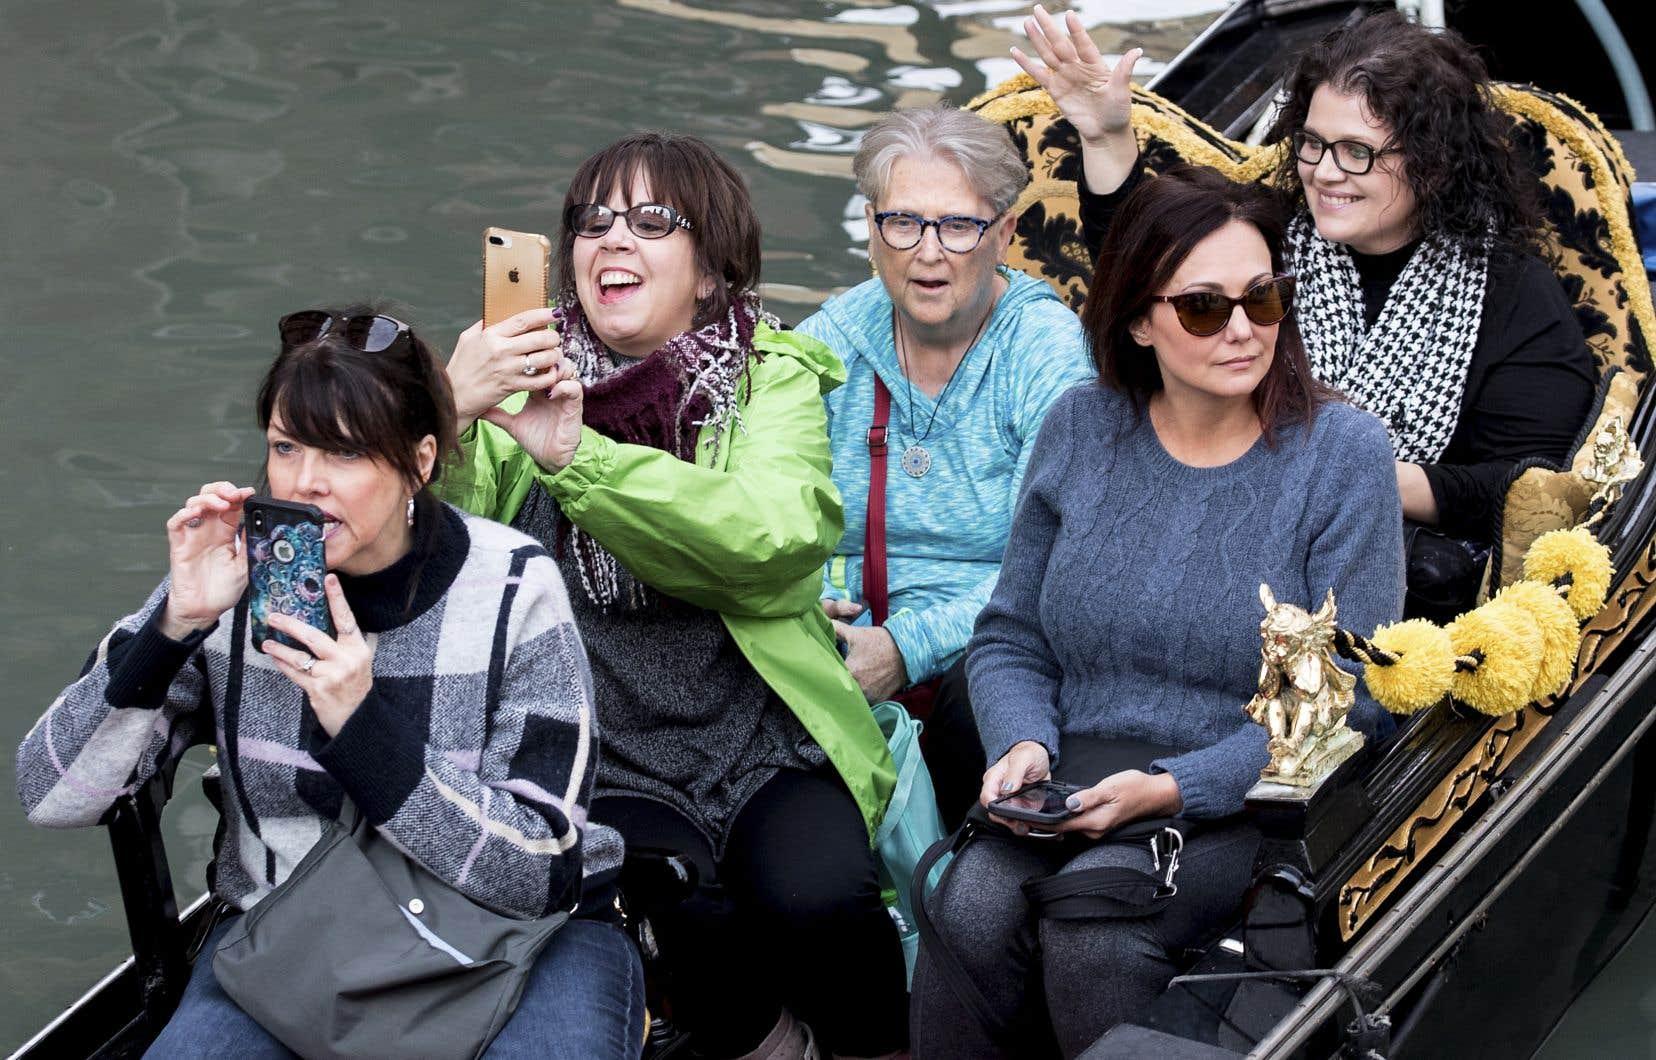 Venise croule sous le poids d'une industrie touristique qui a fait main basse sur la Sérénissime. Une situation qui force les habitants à quitter la ville mythique.